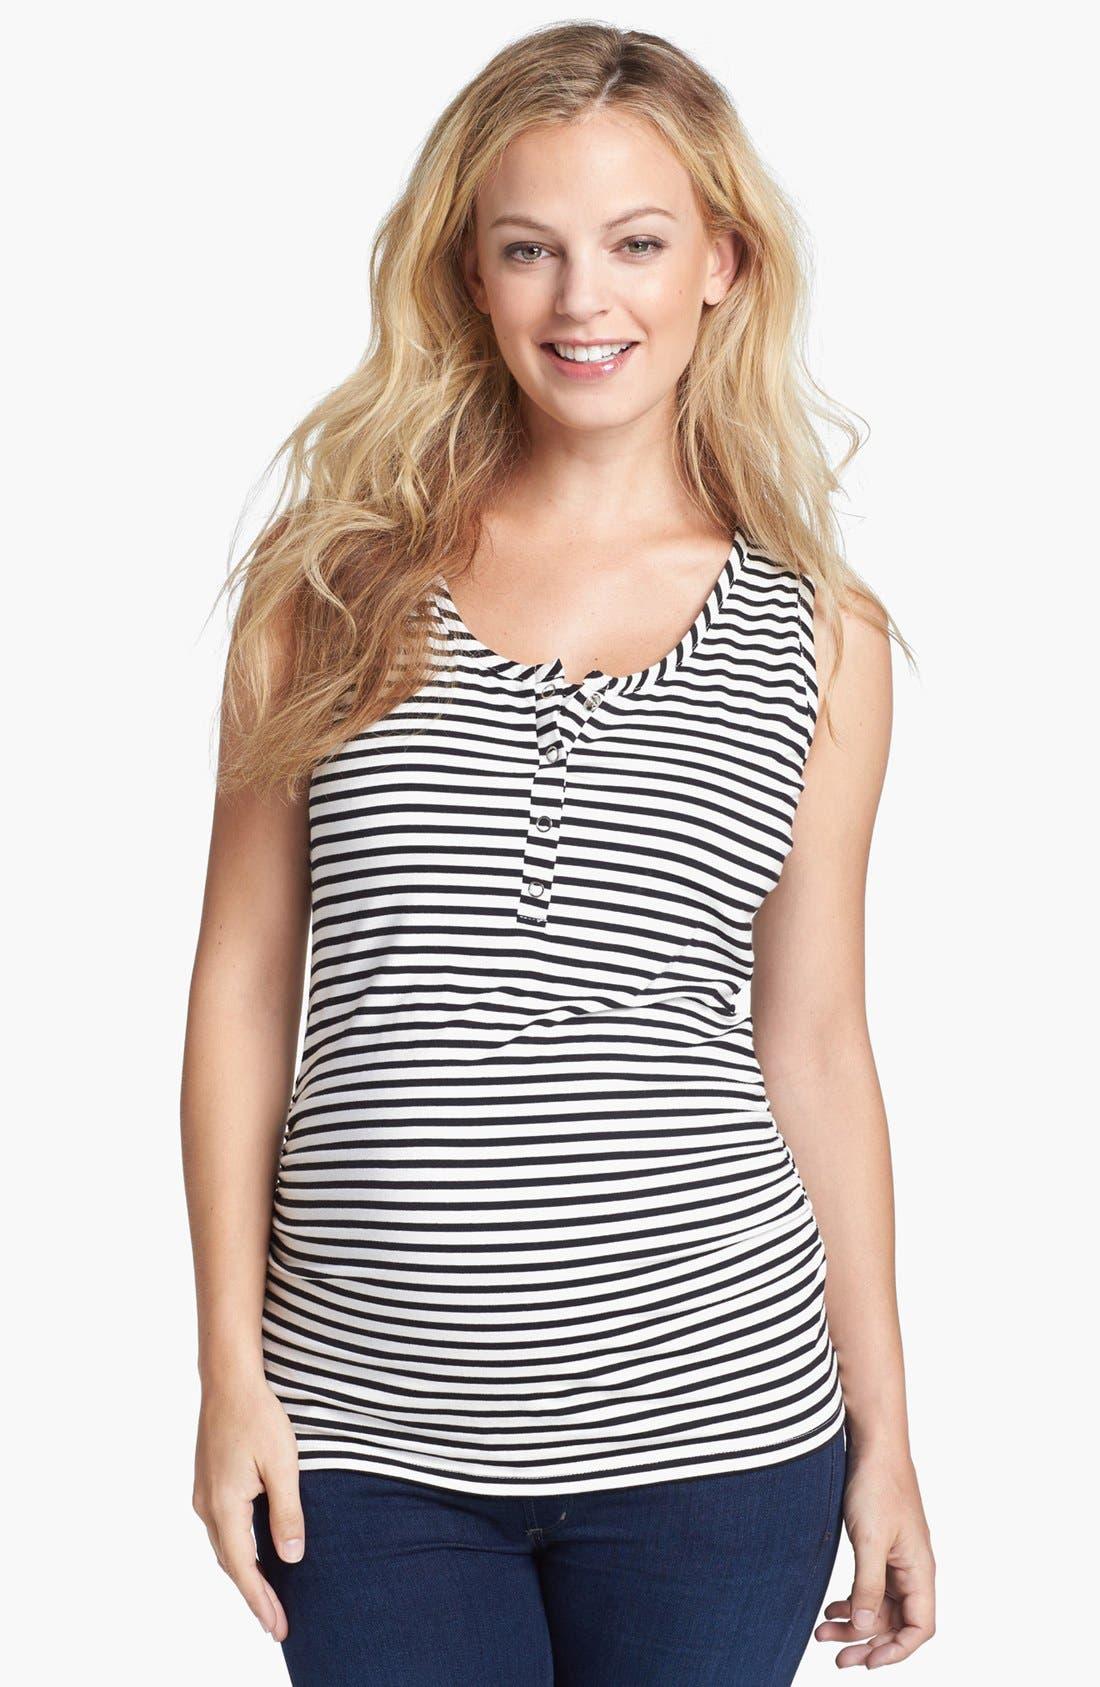 Main Image - Nom Maternity Henley Maternity Tank Top